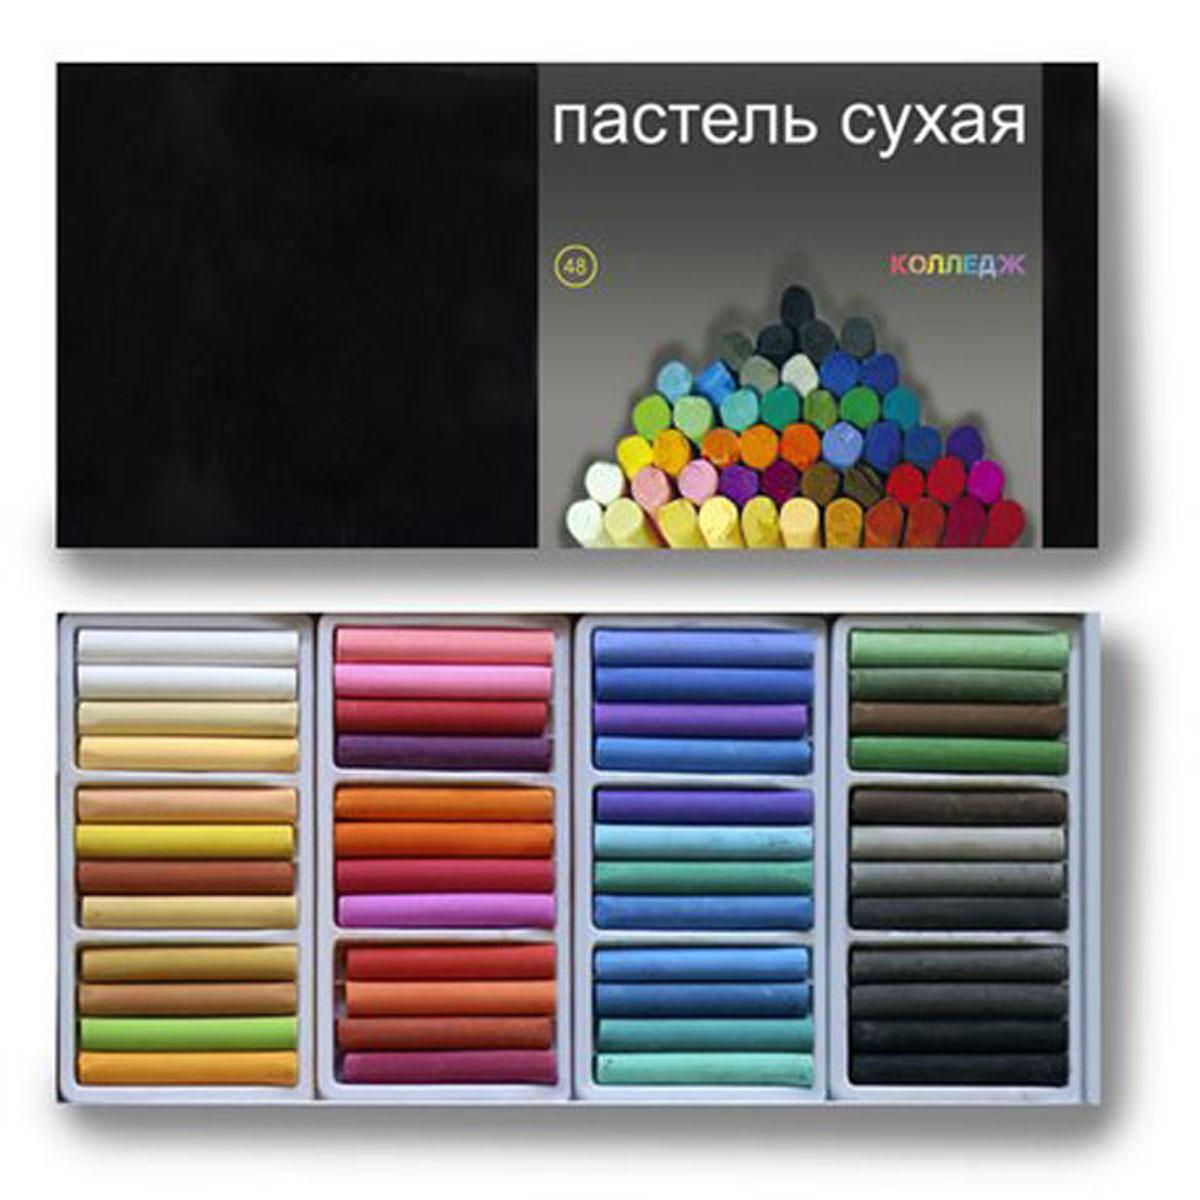 Пастель Черная речка, сухая, 48 цветовК-1181-048Высокачественная сухая пастель для школьников, студентов. Для живописных и графических работ (предпочтительно использование на шероховатых, фактурных поверхностях), может использоваться в смешанных техниках, в декупаже, на модельных массах.. Рисунок пастелью не выгорает, не темнеет, не тускнеет, не трескается от времени, но требует защиты от прикосновений- с помощью лака-фиксатива и стекла. В комплекте 48 цветов.